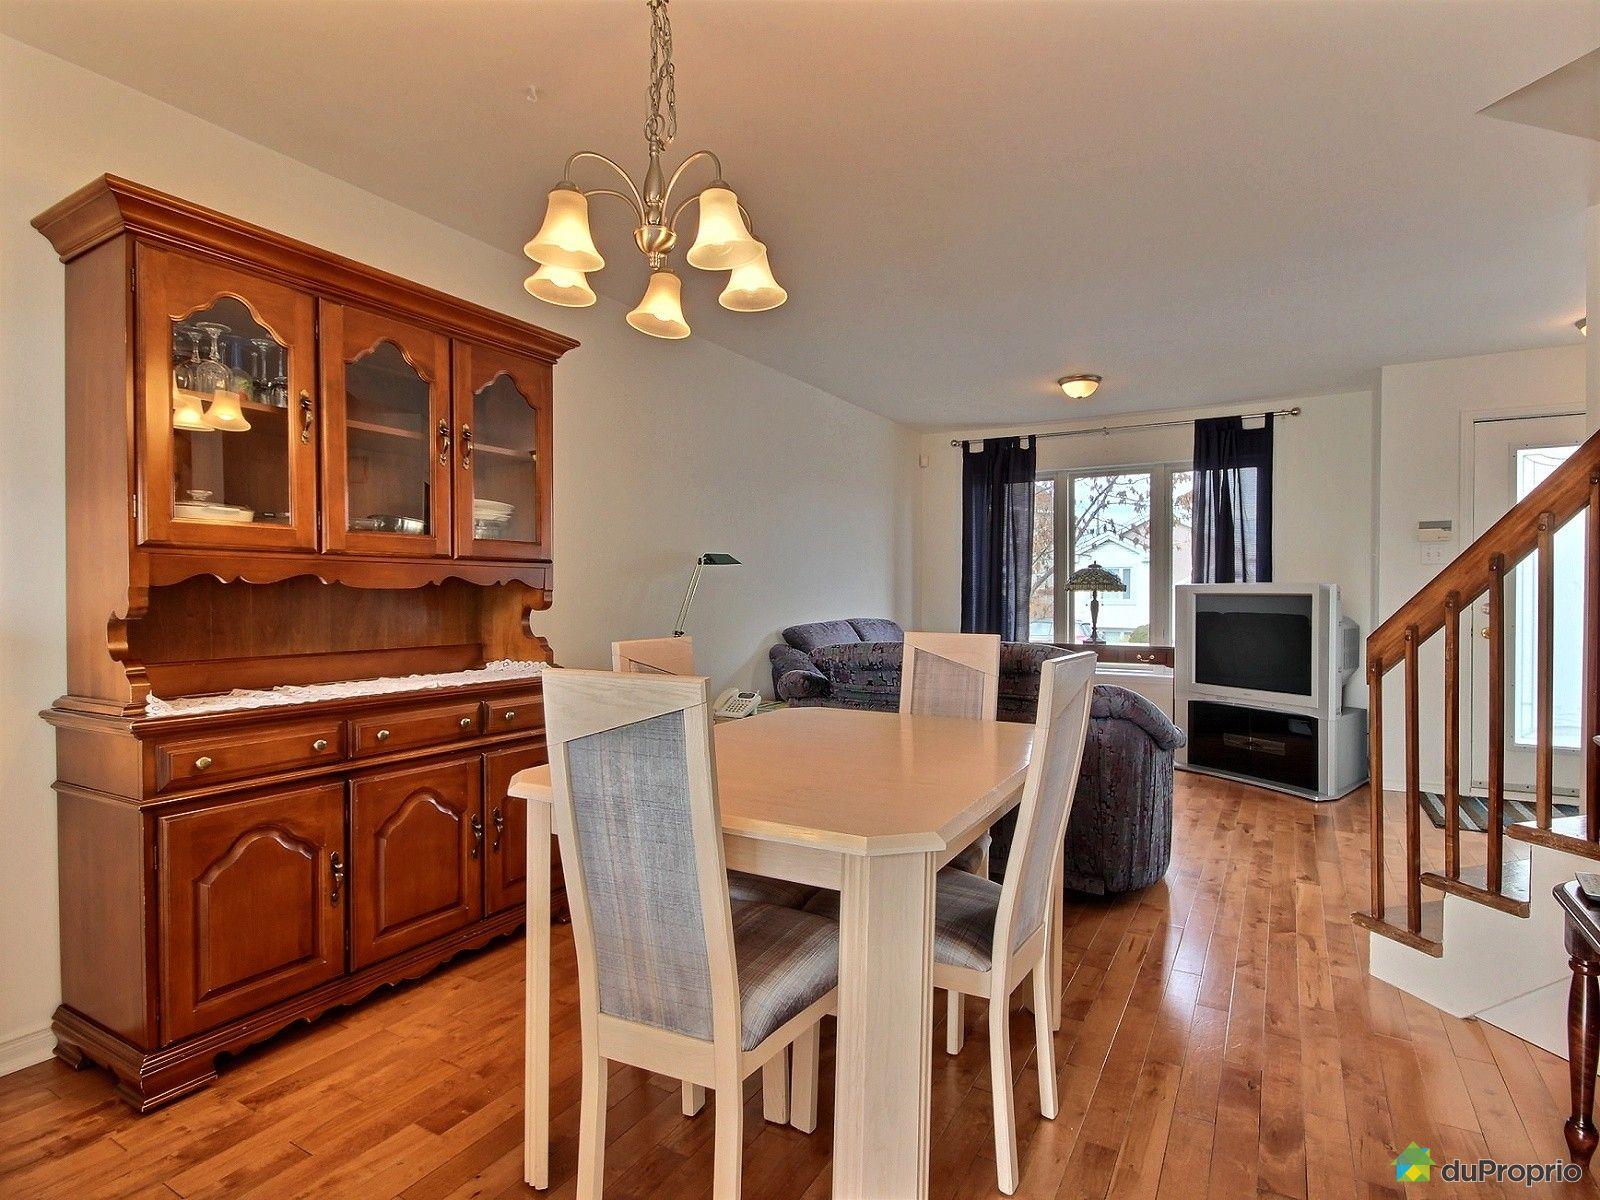 Maison vendre st jean sur richelieu 476 rue bourguignon immobilier qu bec duproprio 542915 for Salle a manger jean